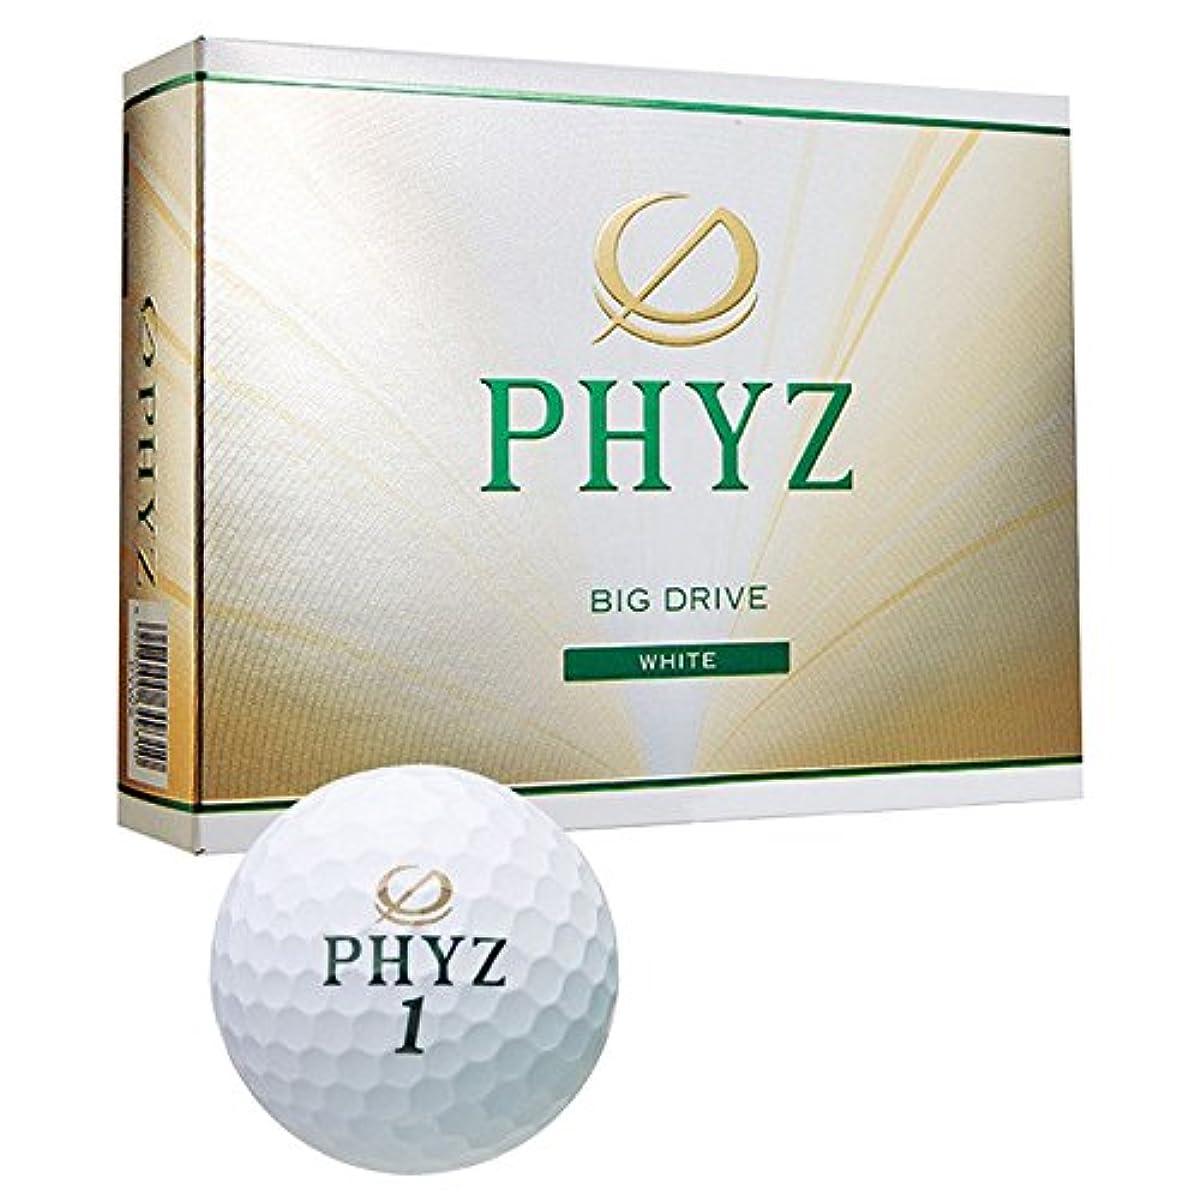 [해외] PHYZ((Φ)파이의) 골프 볼 2015년 모델 1다스(12공입)